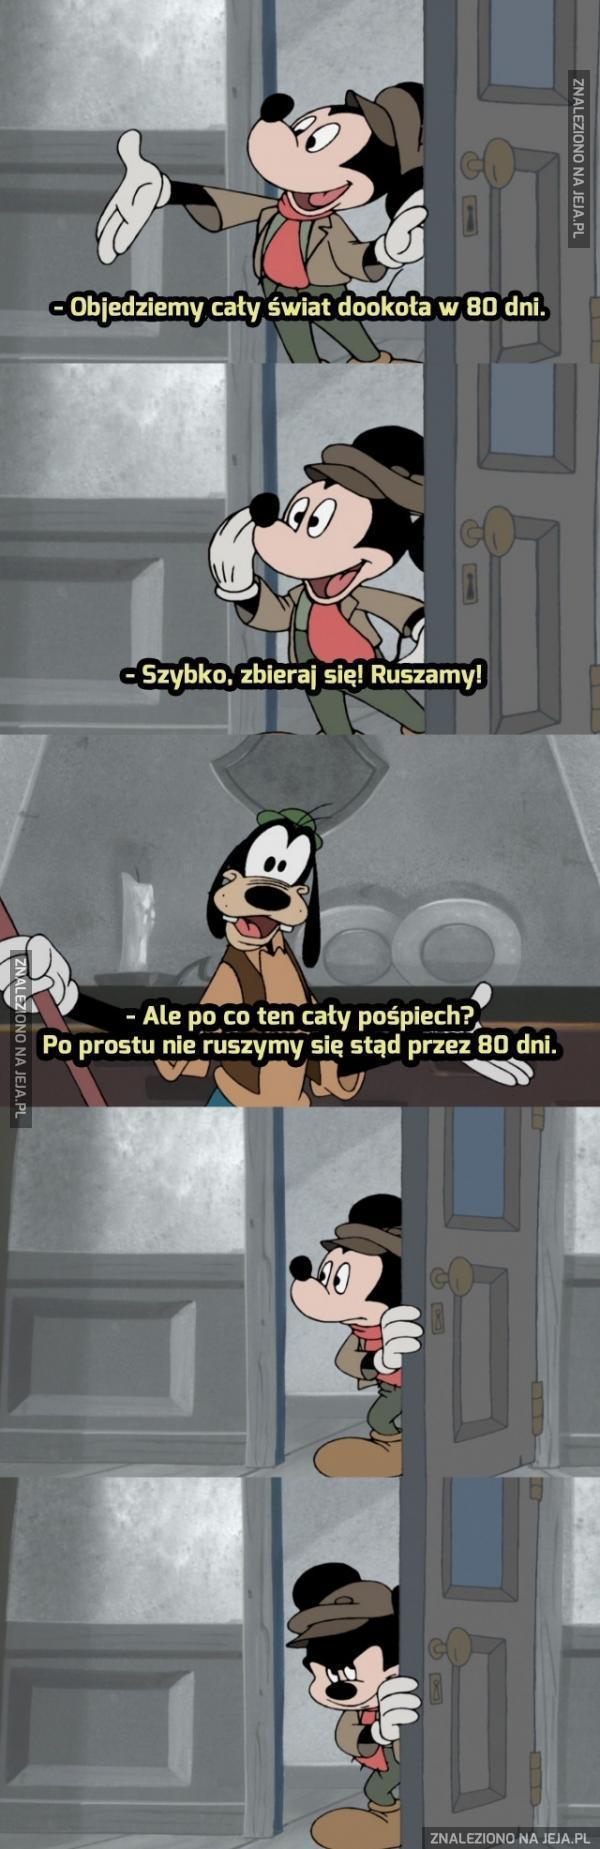 Goofy, ty cholerny geniuszu!